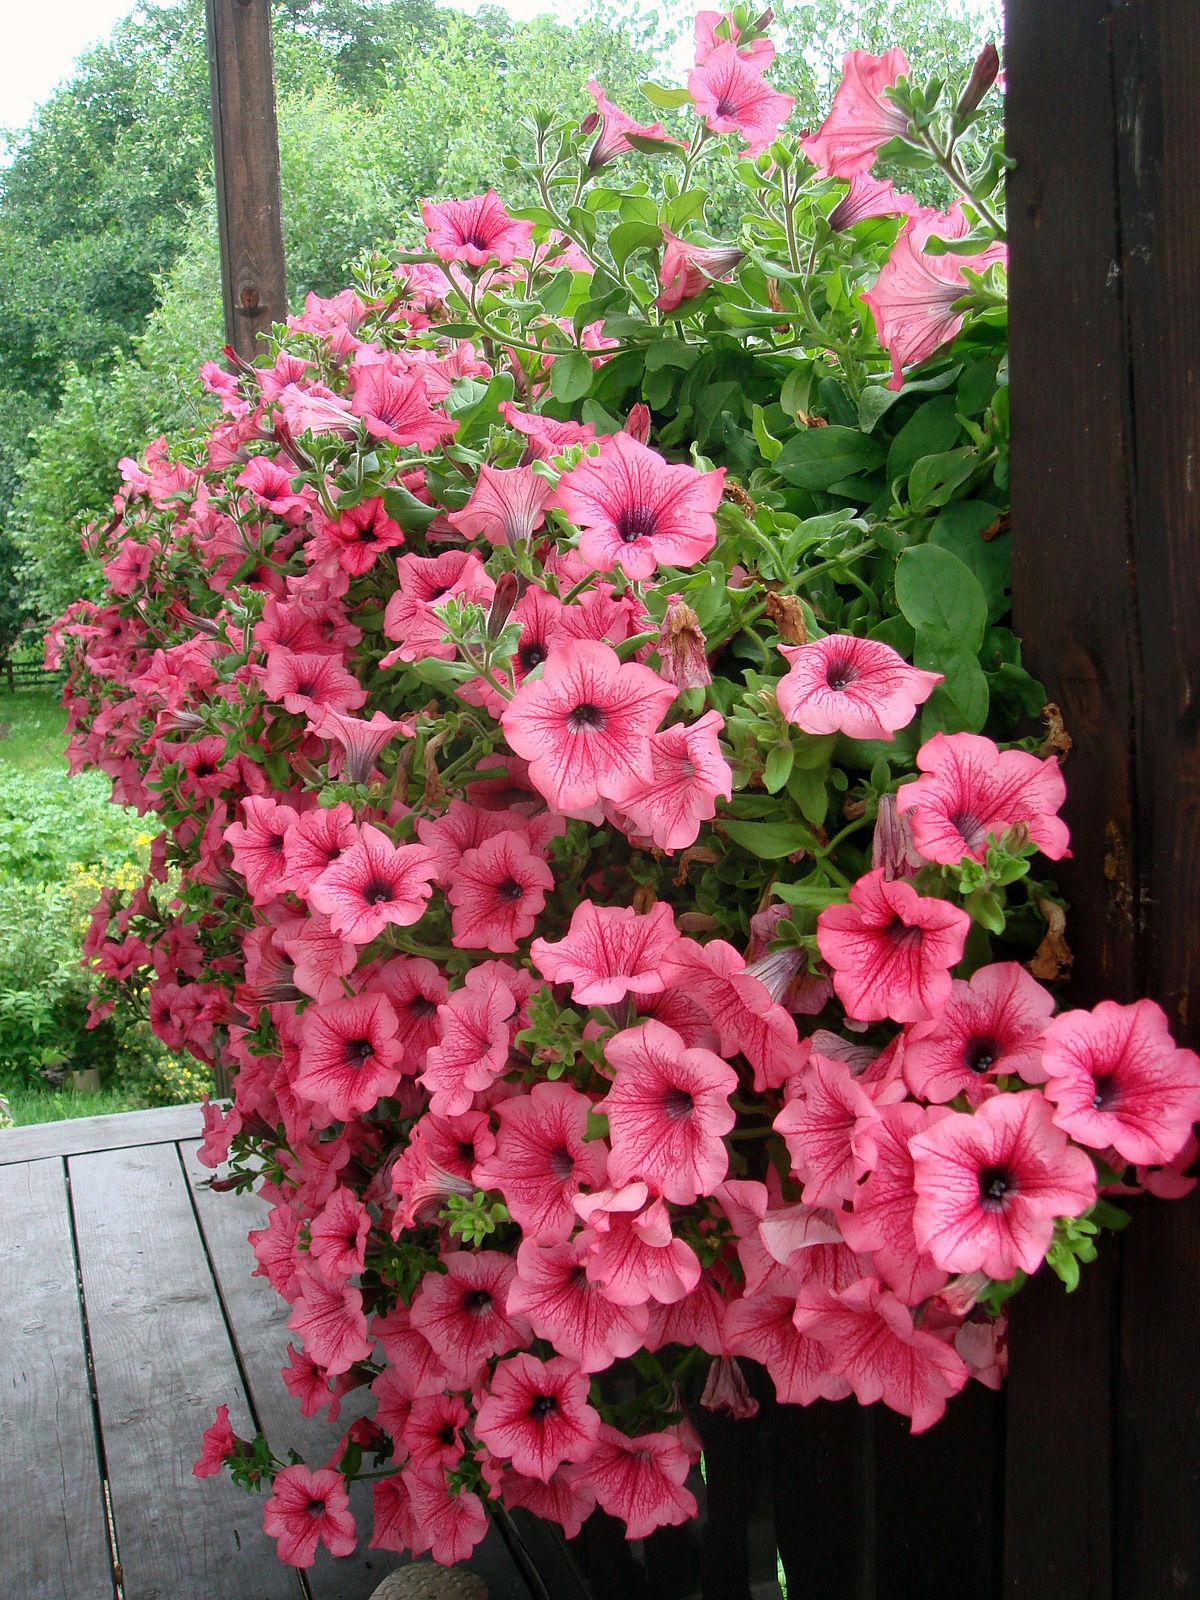 صورة اسماء الورود العربية , تعرف على الورد باشكاله واسمائه بالصور 13020 7